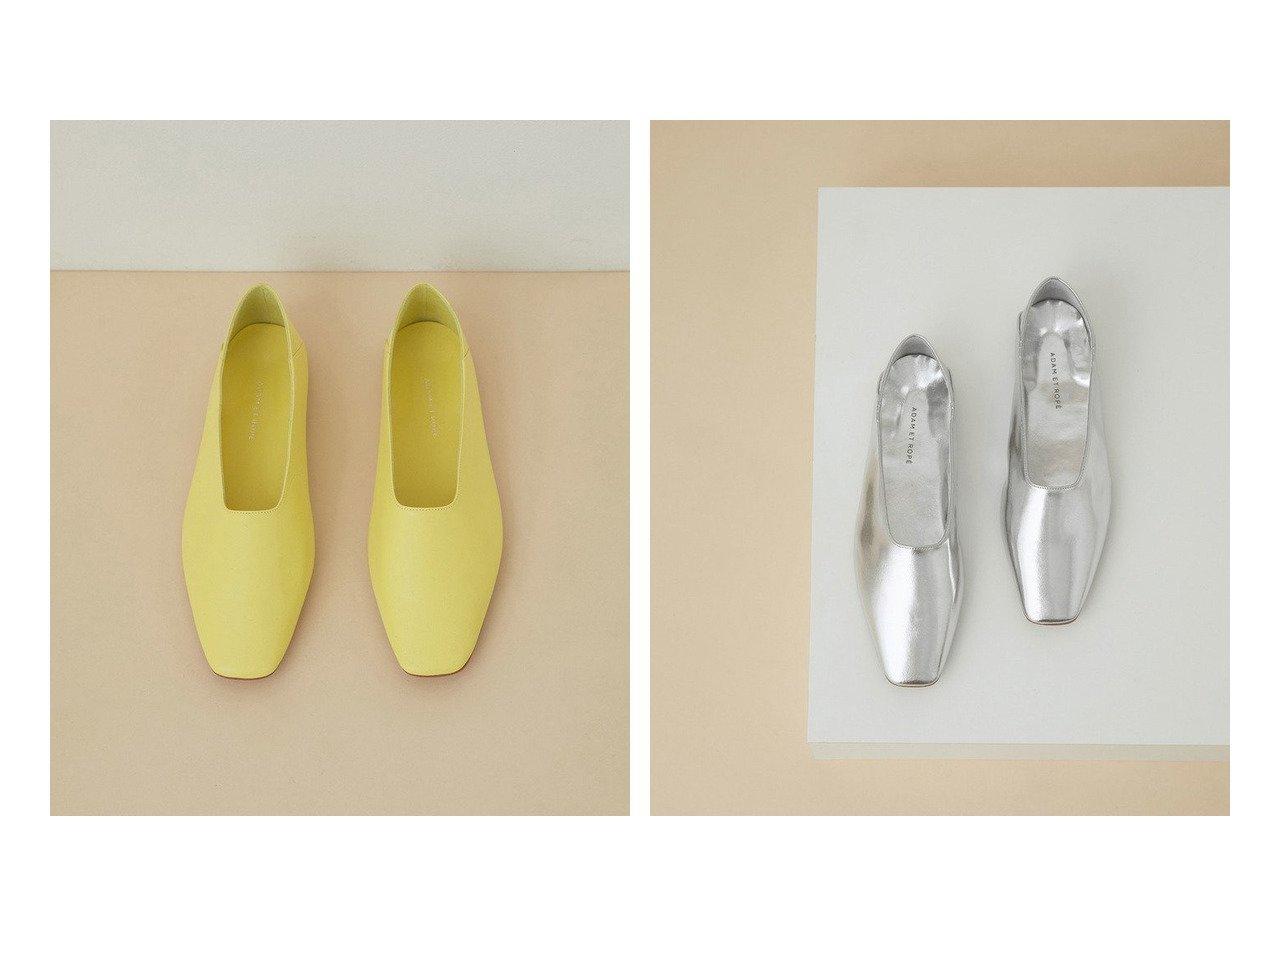 【ADAM ET ROPE'/アダム エ ロペ】のソフトレザーフラット 【シューズ・靴】おすすめ!人気トレンド・レディースファッションの通販  おすすめで人気の流行・トレンド、ファッションの通販商品 メンズファッション・キッズファッション・インテリア・家具・レディースファッション・服の通販 founy(ファニー) https://founy.com/ ファッション Fashion レディースファッション WOMEN 2021年 2021 2021春夏・S/S SS/Spring/Summer/2021 S/S・春夏 SS・Spring/Summer おすすめ Recommend イエロー シューズ シルバー フラット リラックス 再入荷 Restock/Back in Stock/Re Arrival 春 Spring |ID:crp329100000029614